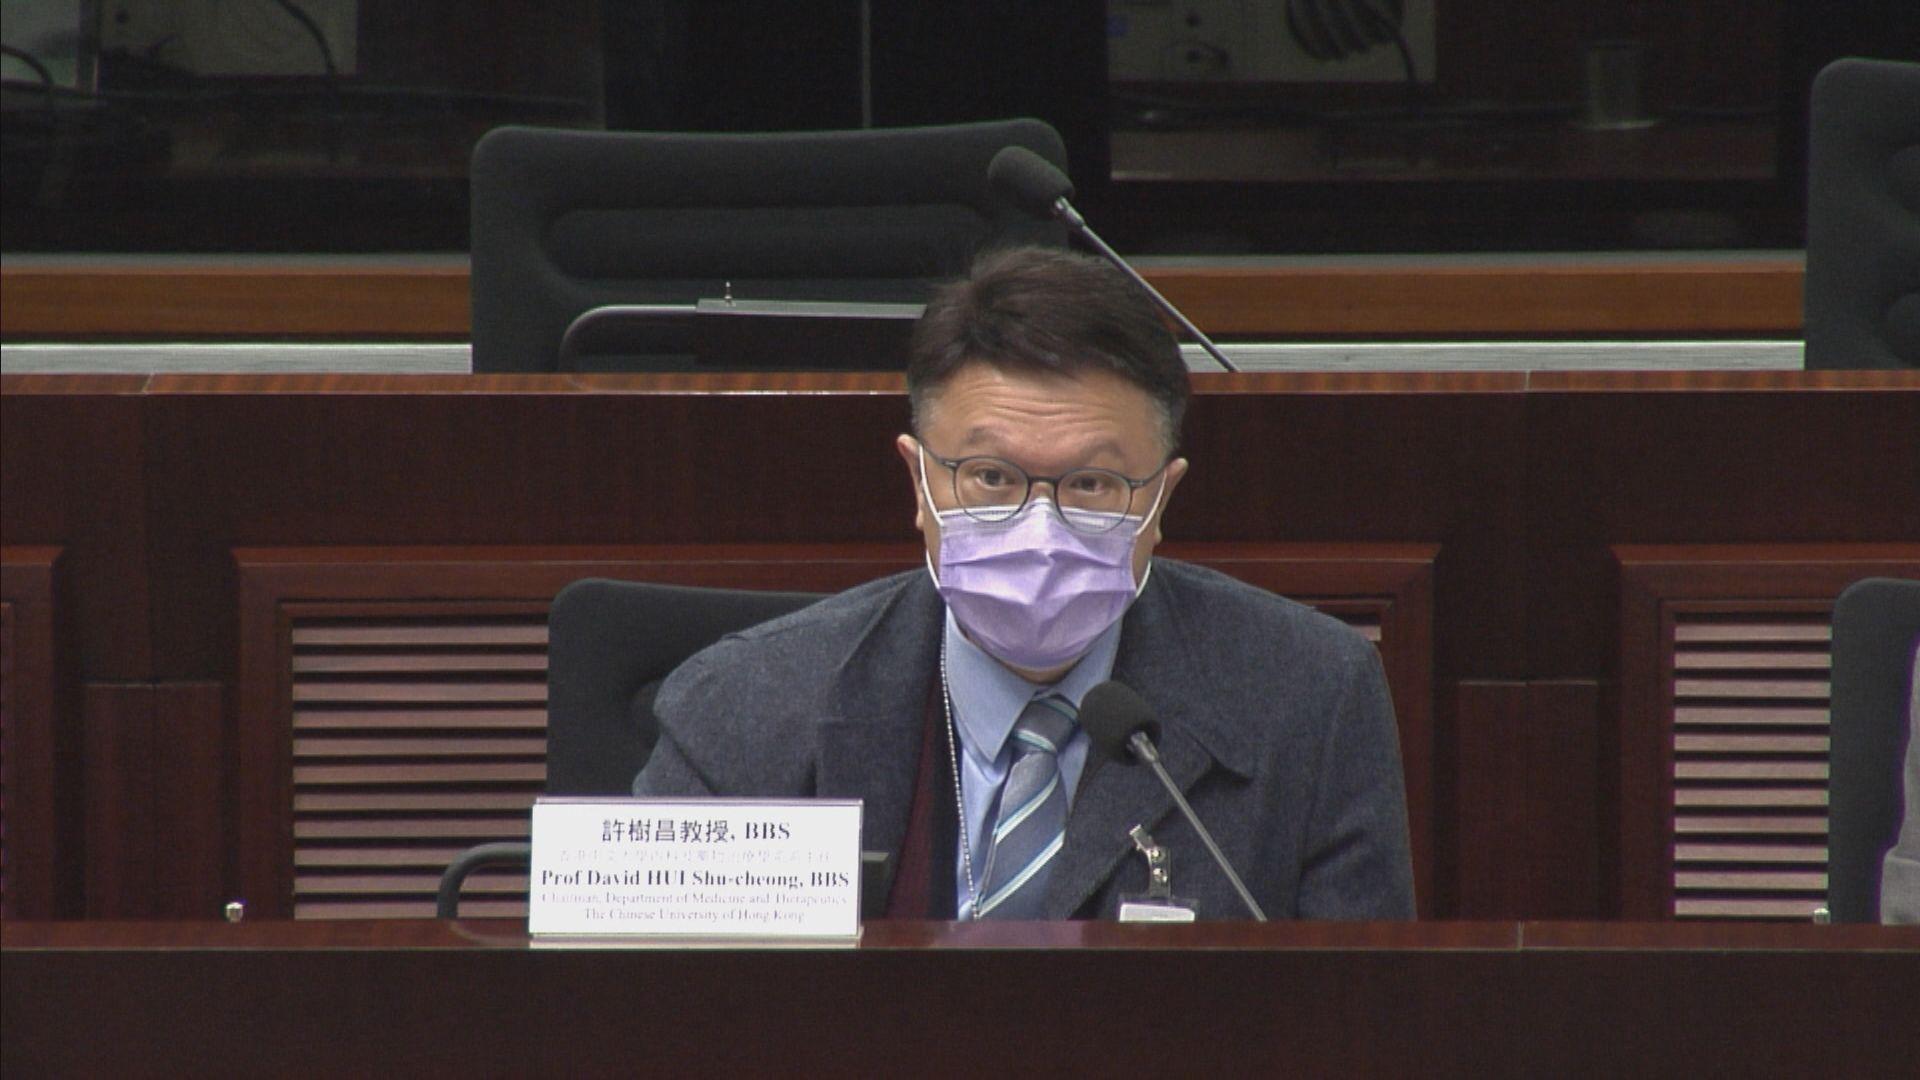 許樹昌:本港居住及營商環境不宜全民檢測